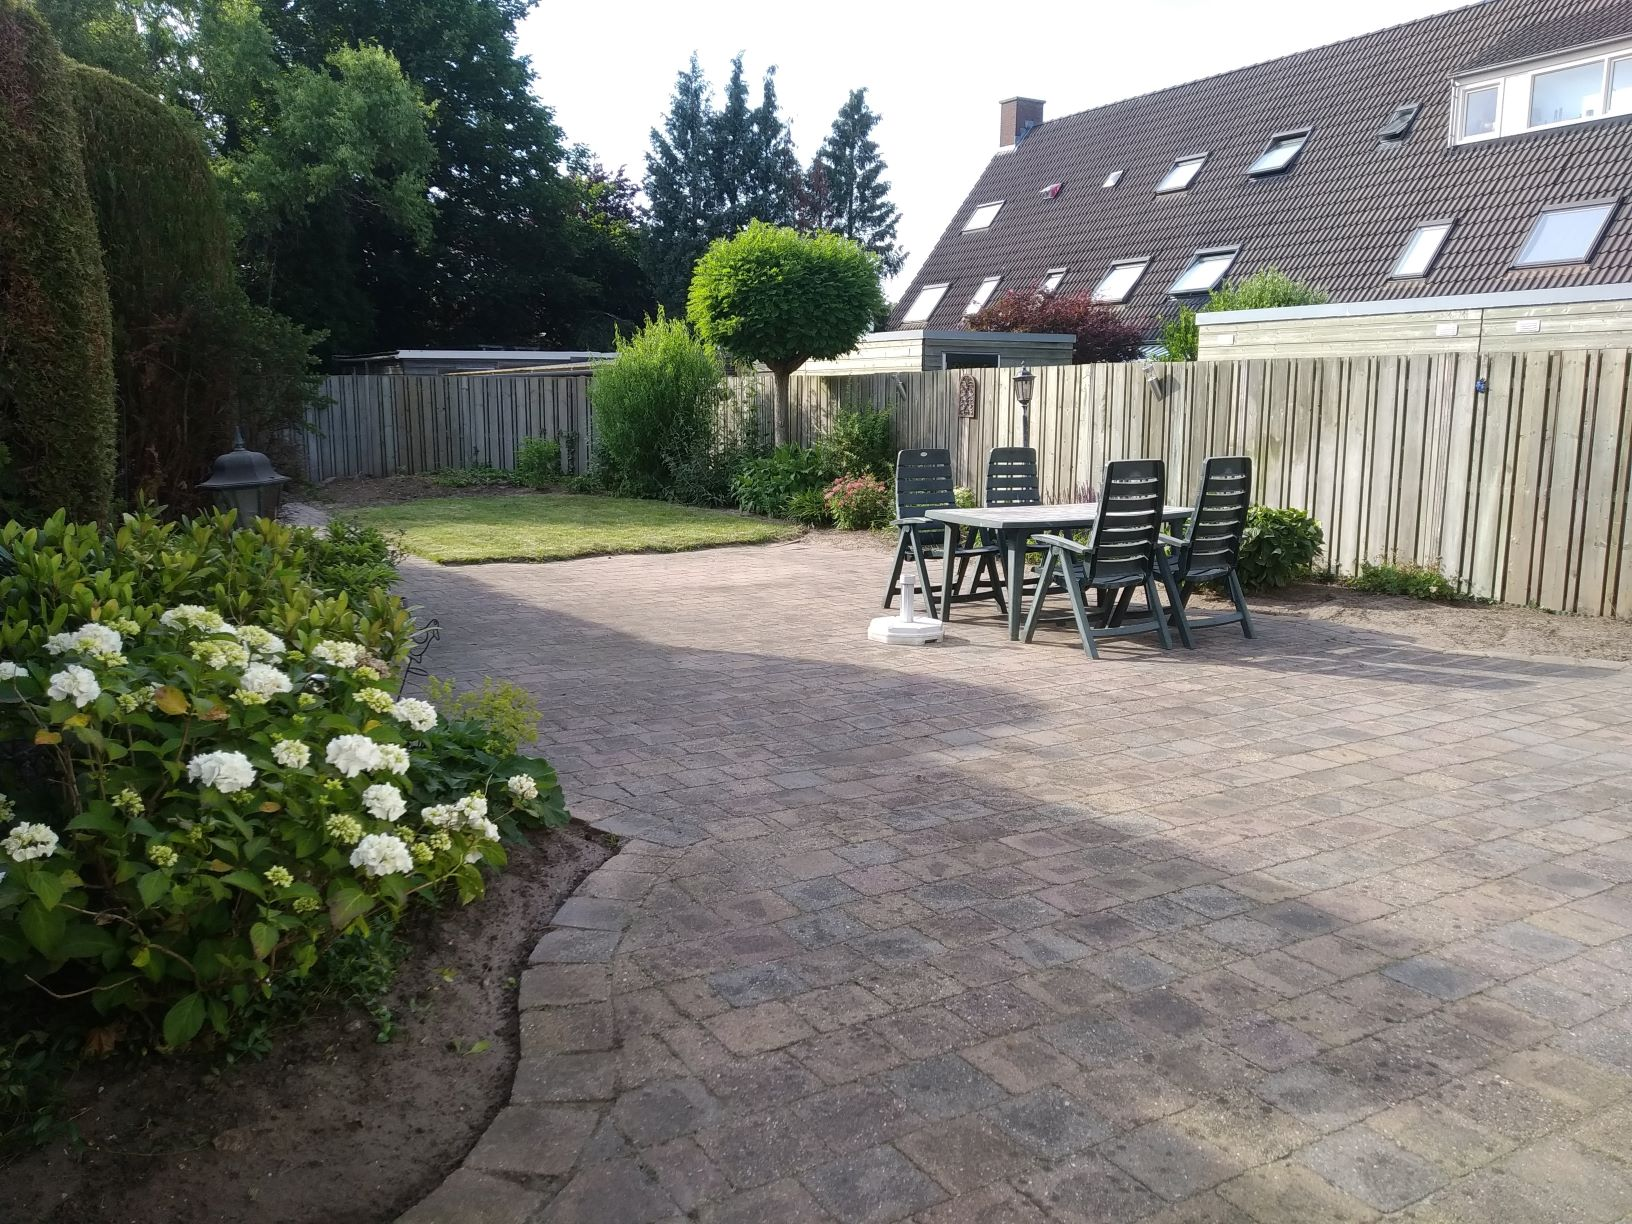 schone achtertuin